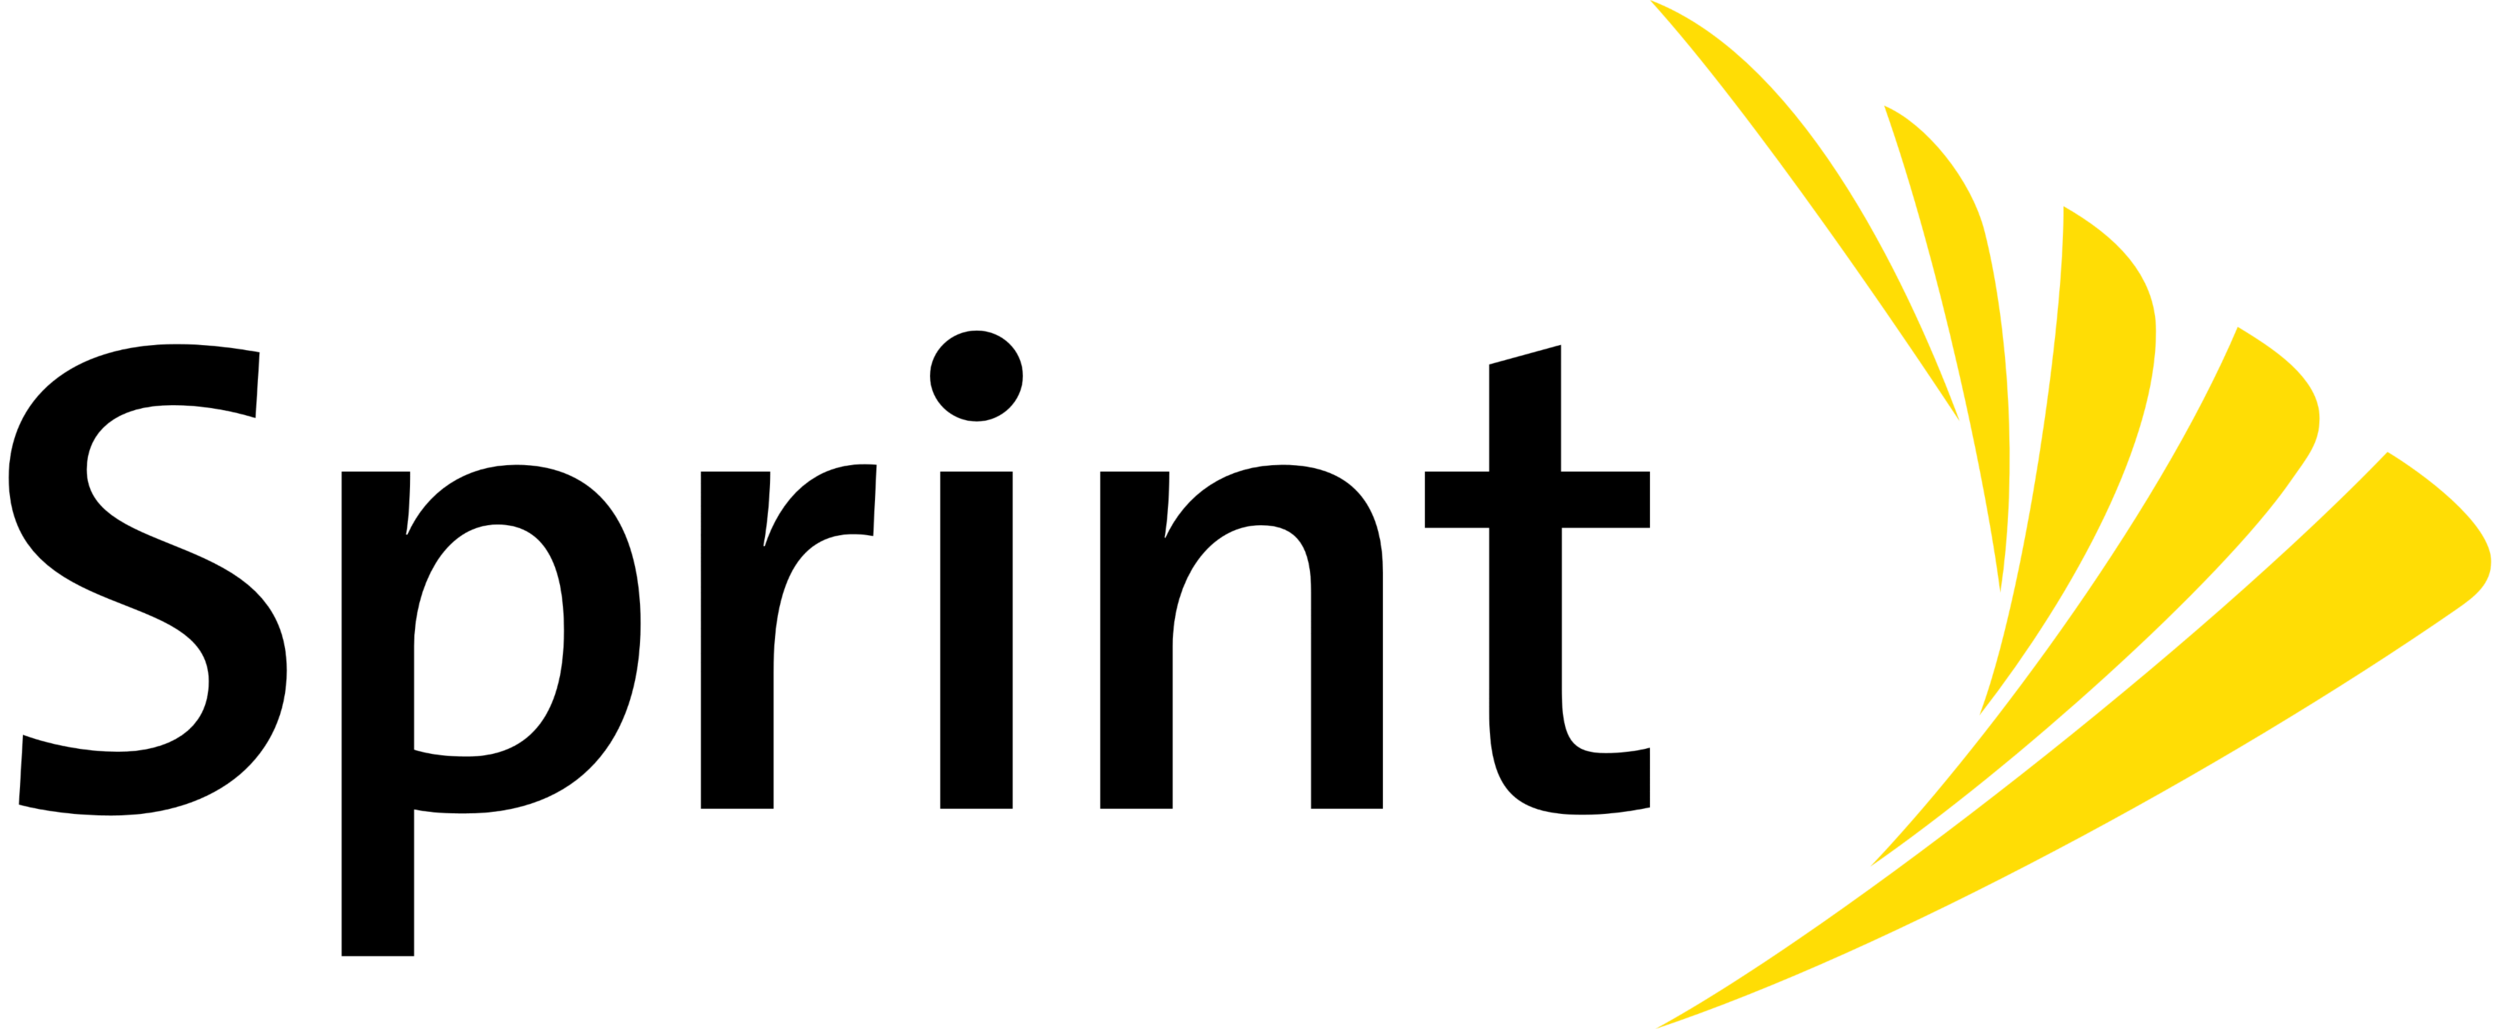 Sprint_logo_logotype-1.png